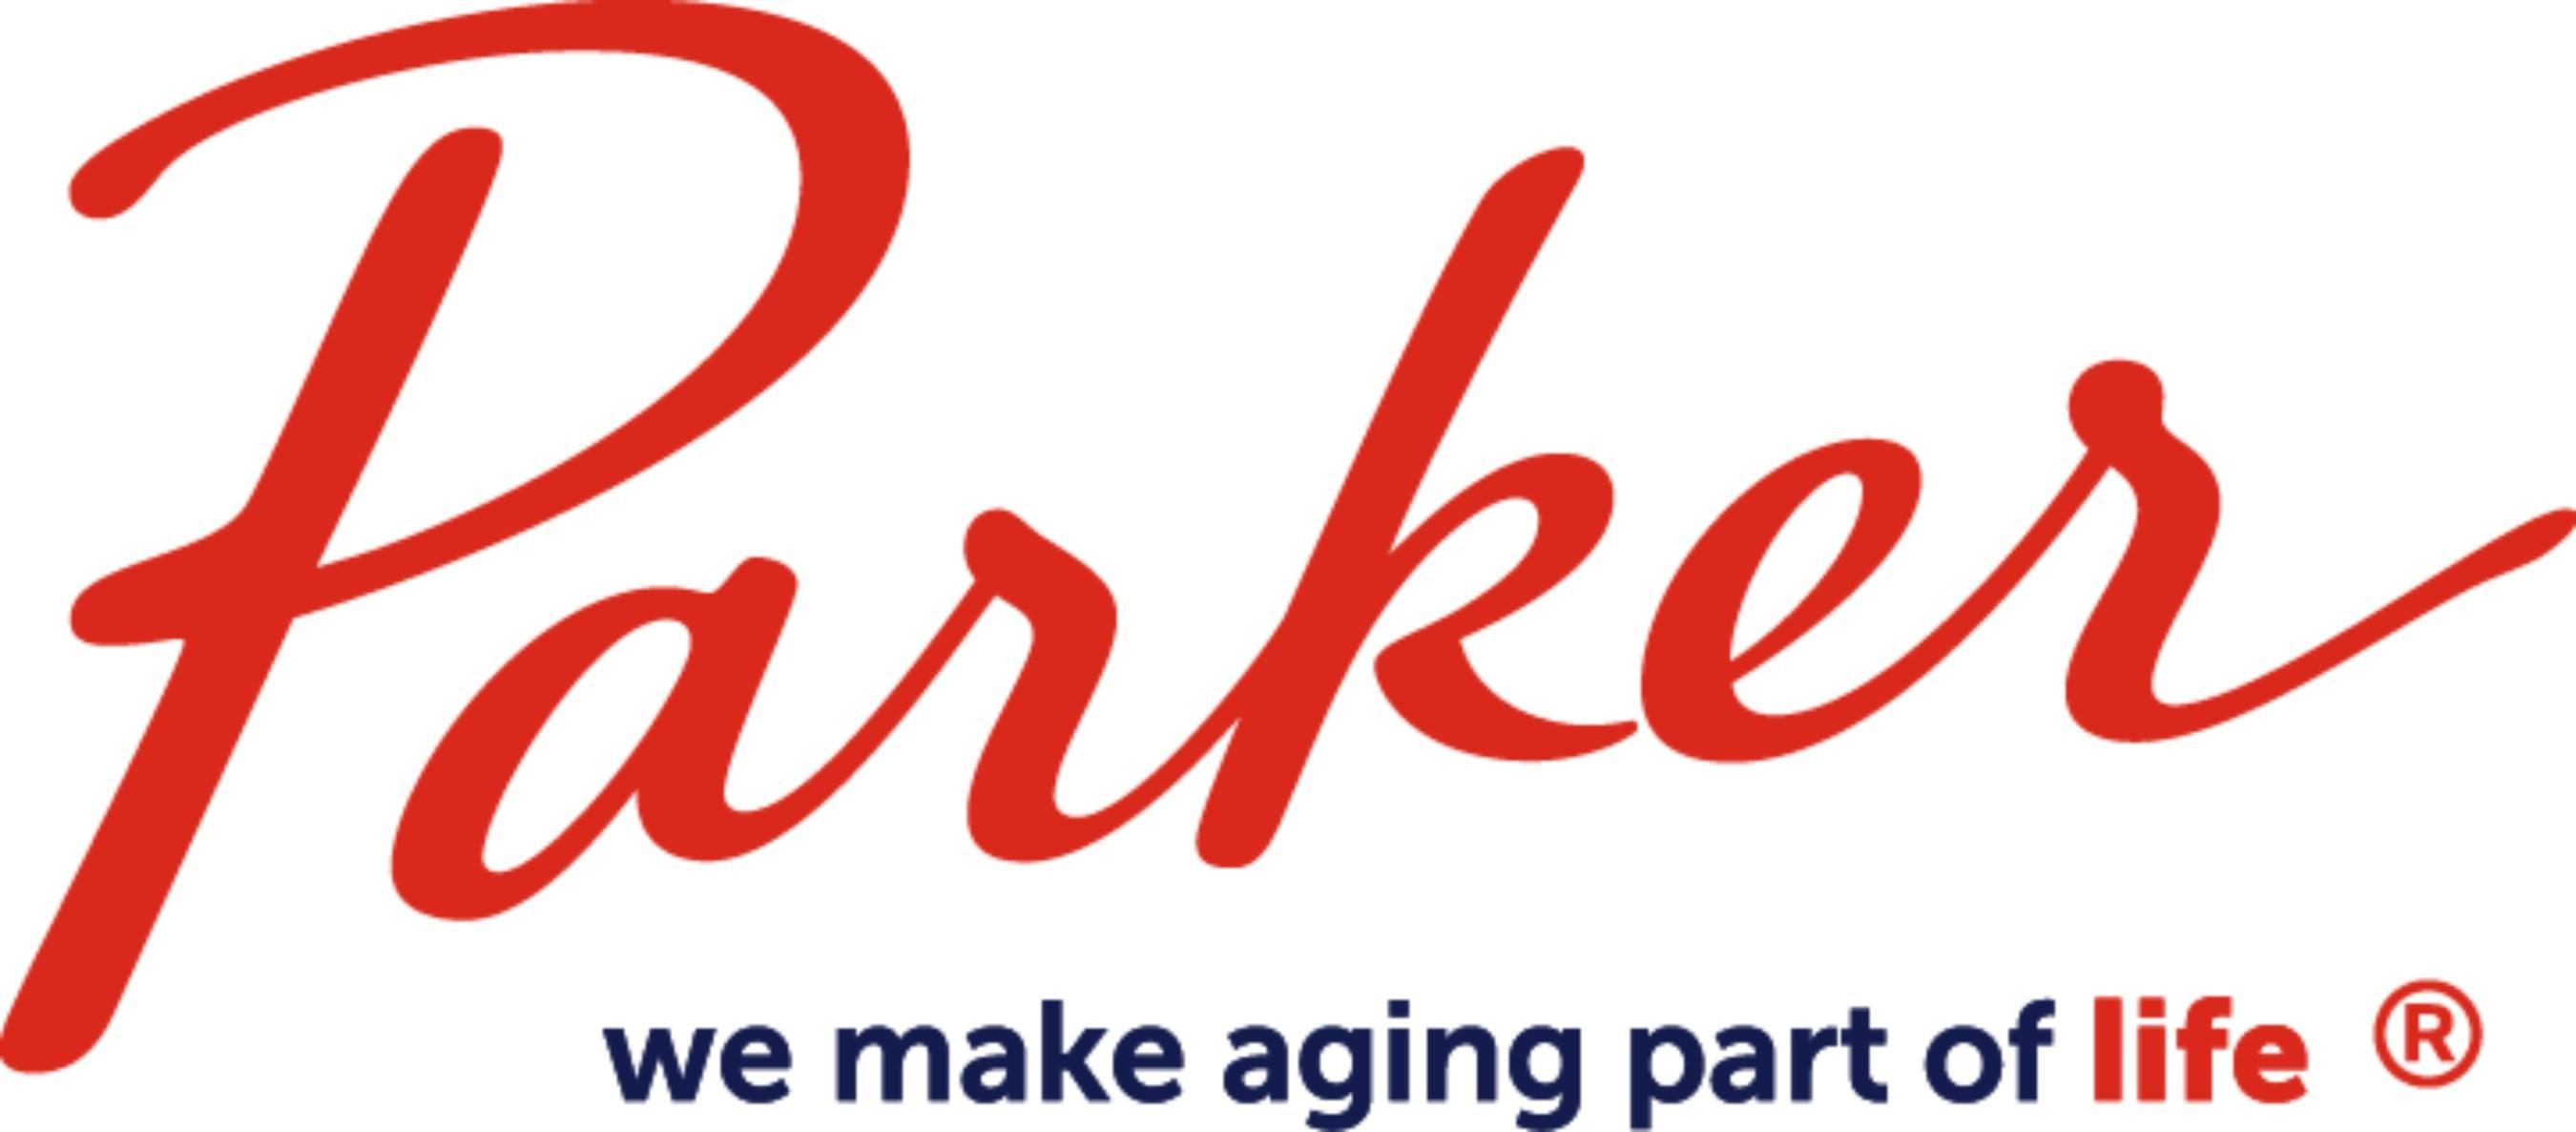 Parker www.parkerlife.org